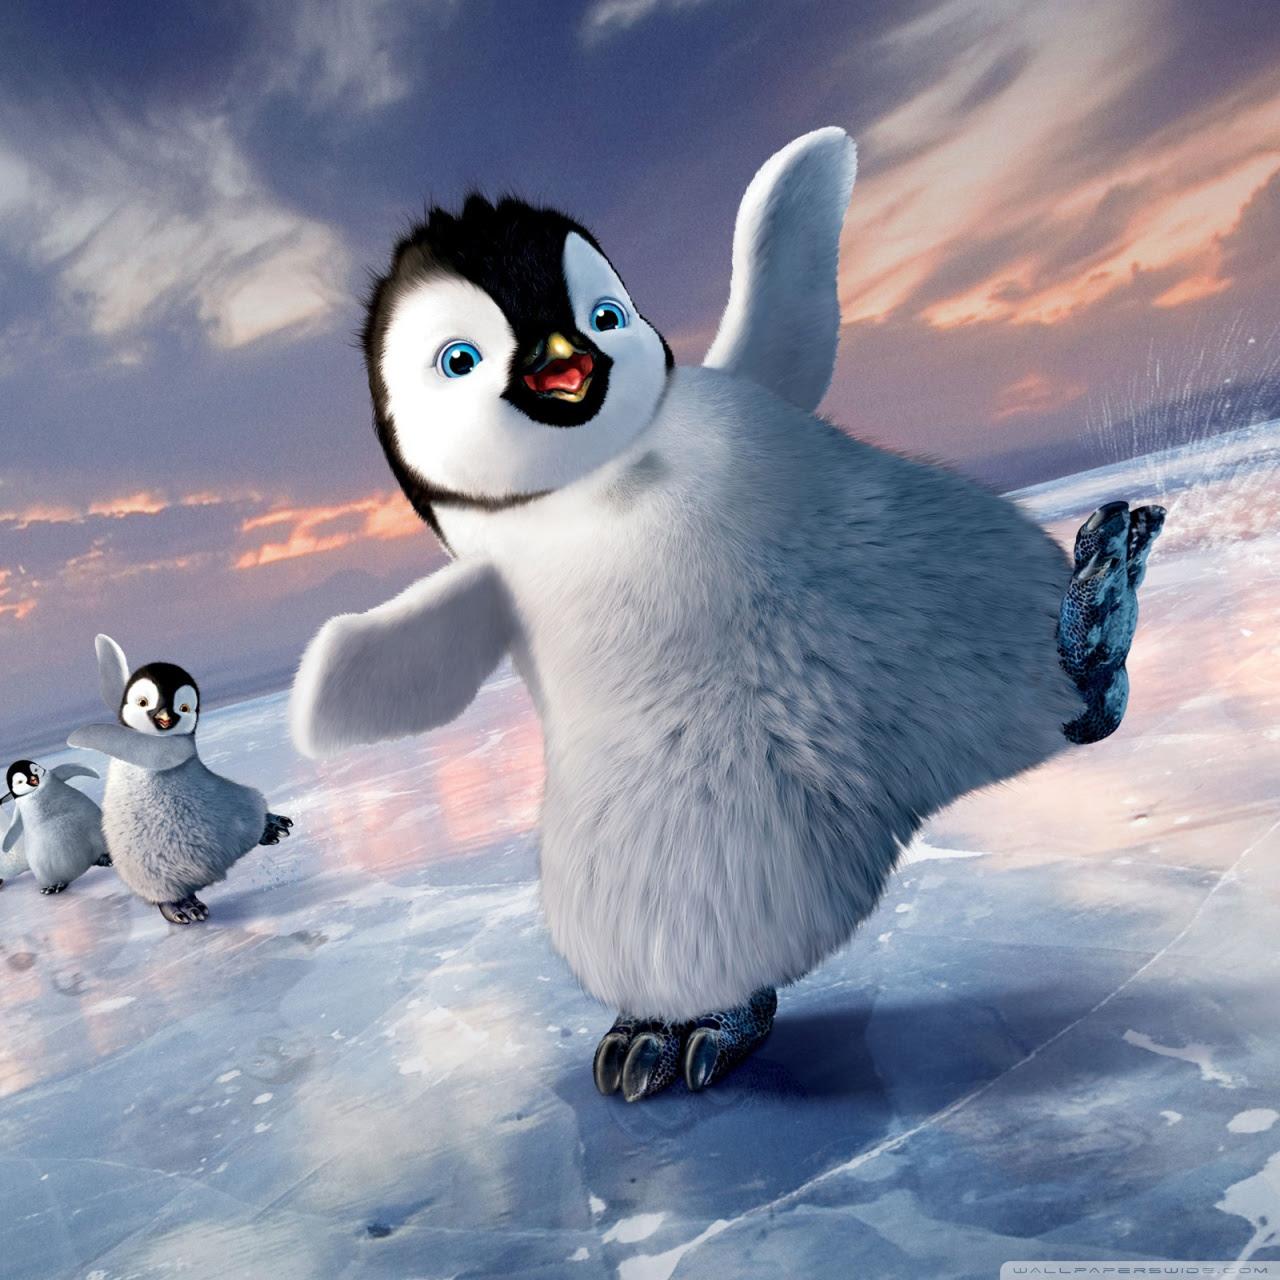 Baby Penguin Wallpapers Desktop Animals Wallpaper Timmatic